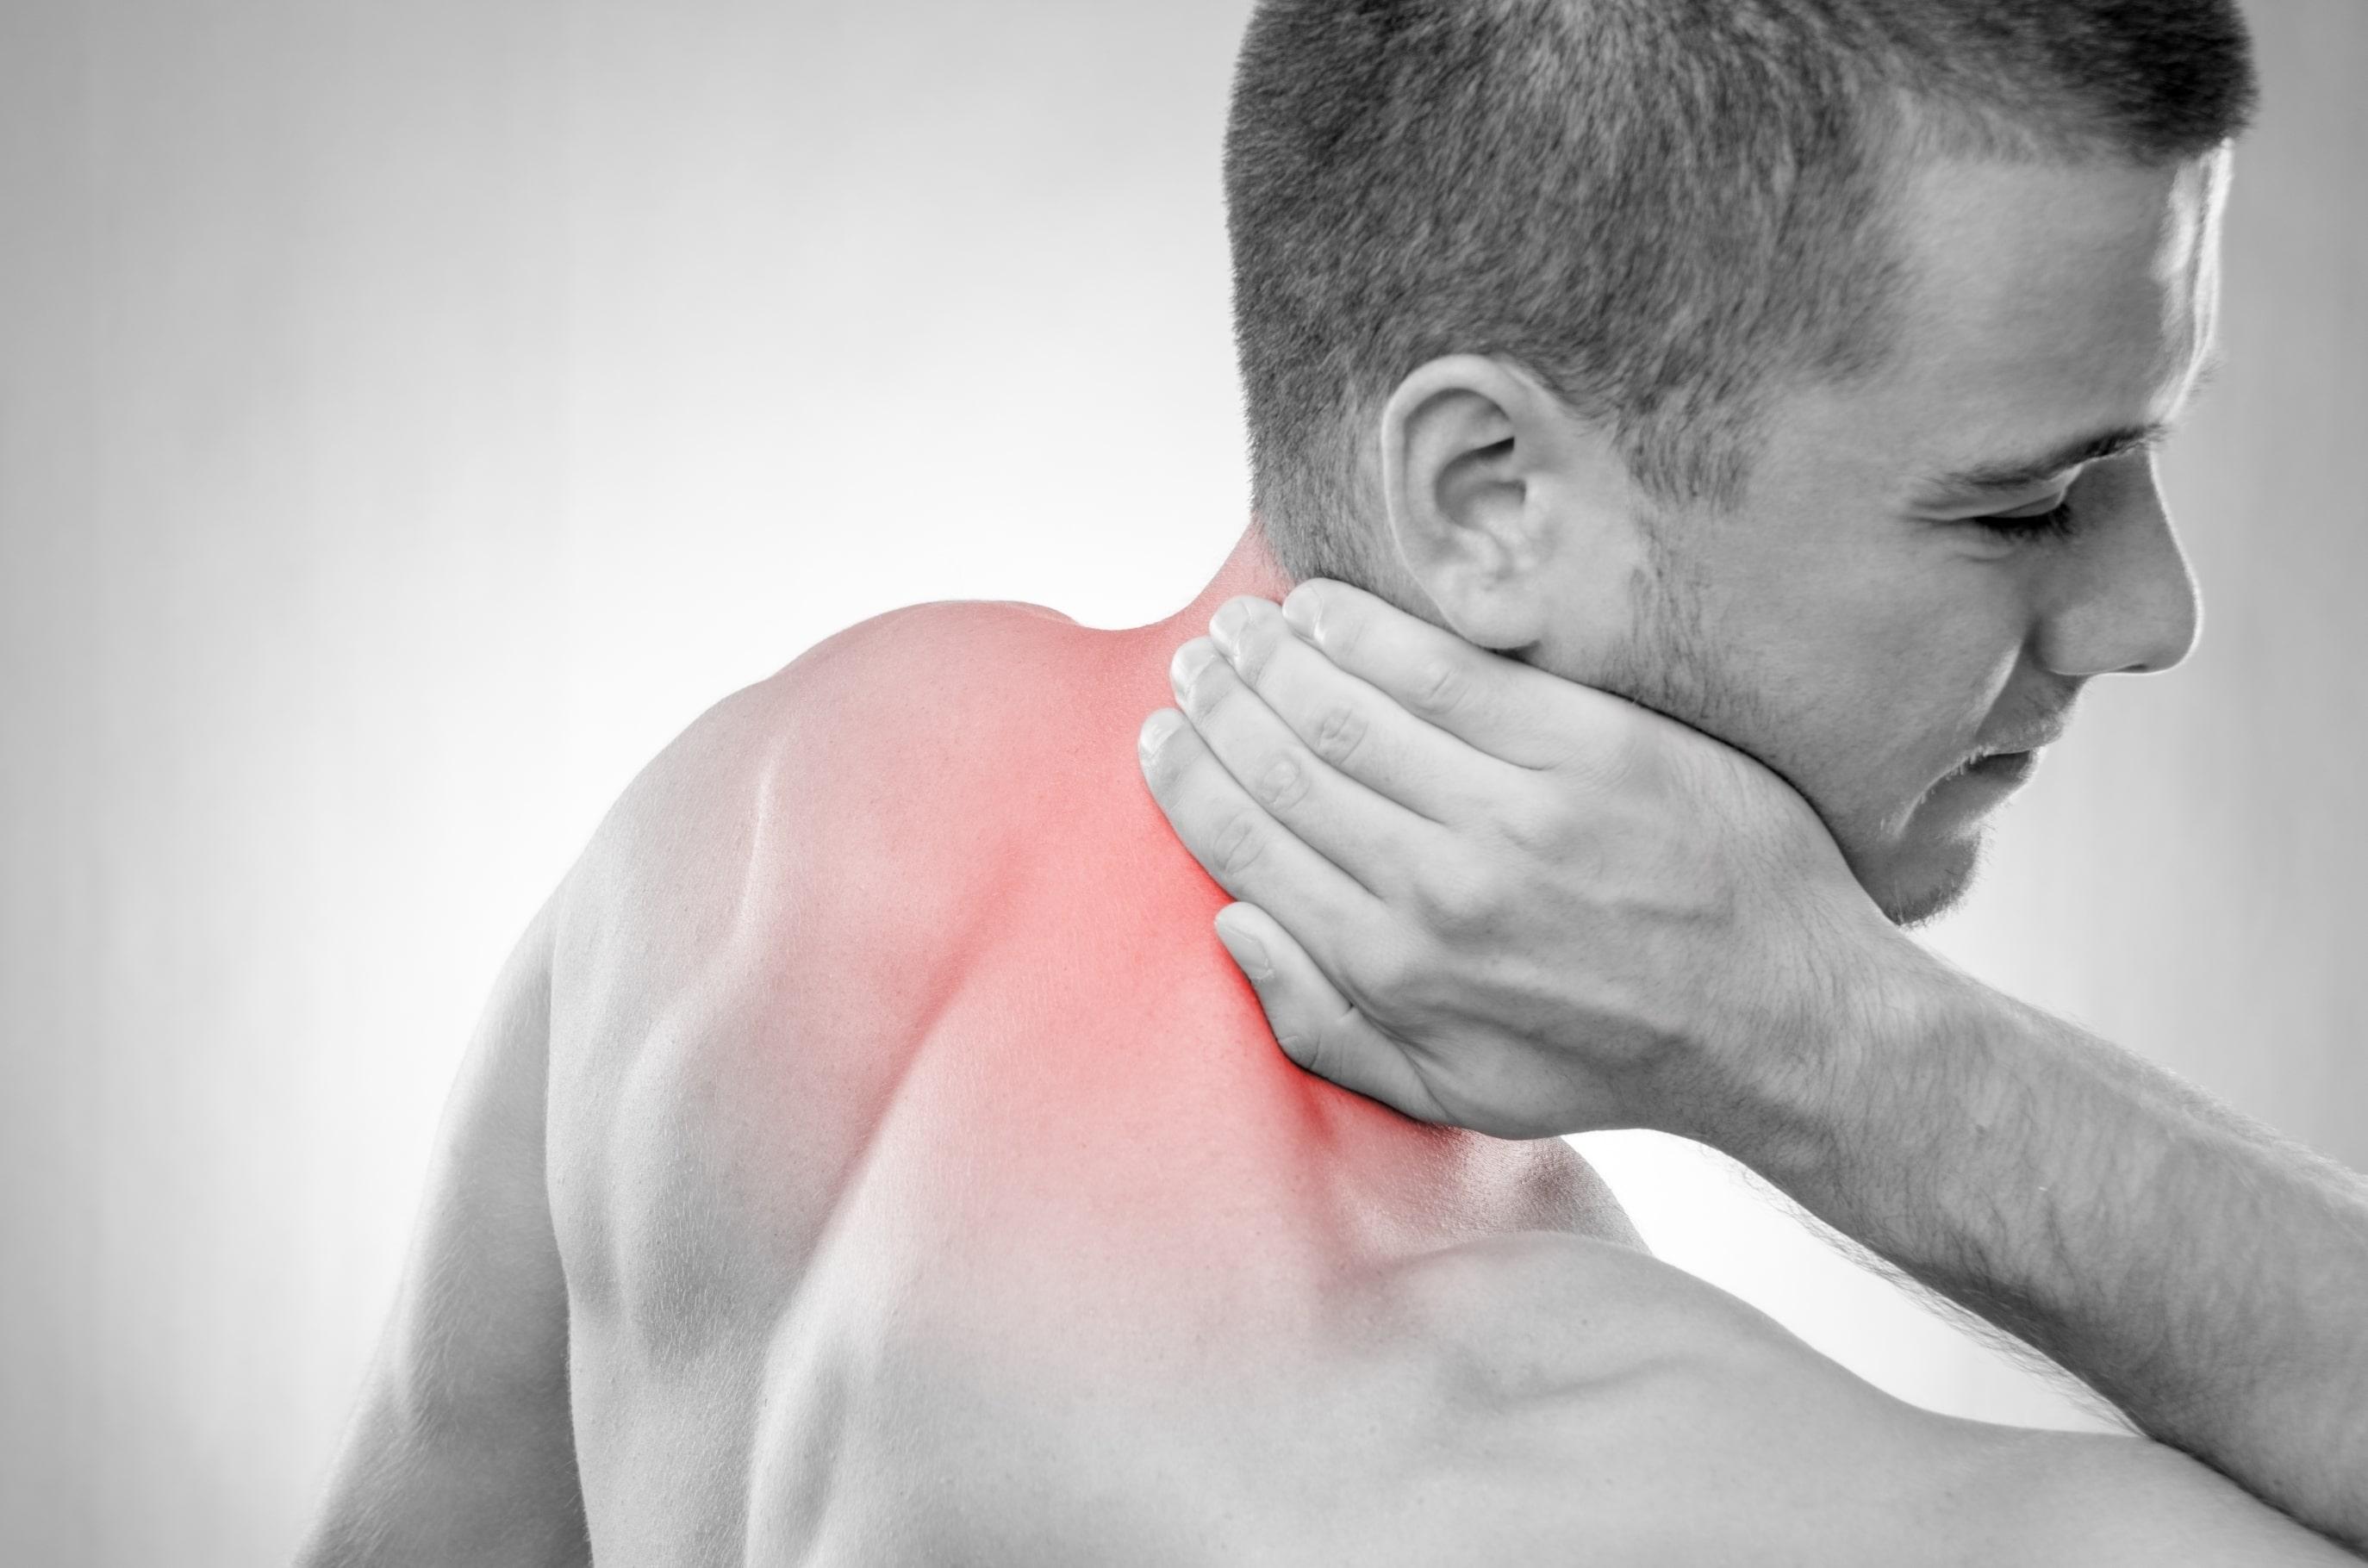 nek pijn en nek klachten behandelen in sport medisch centrum papendal